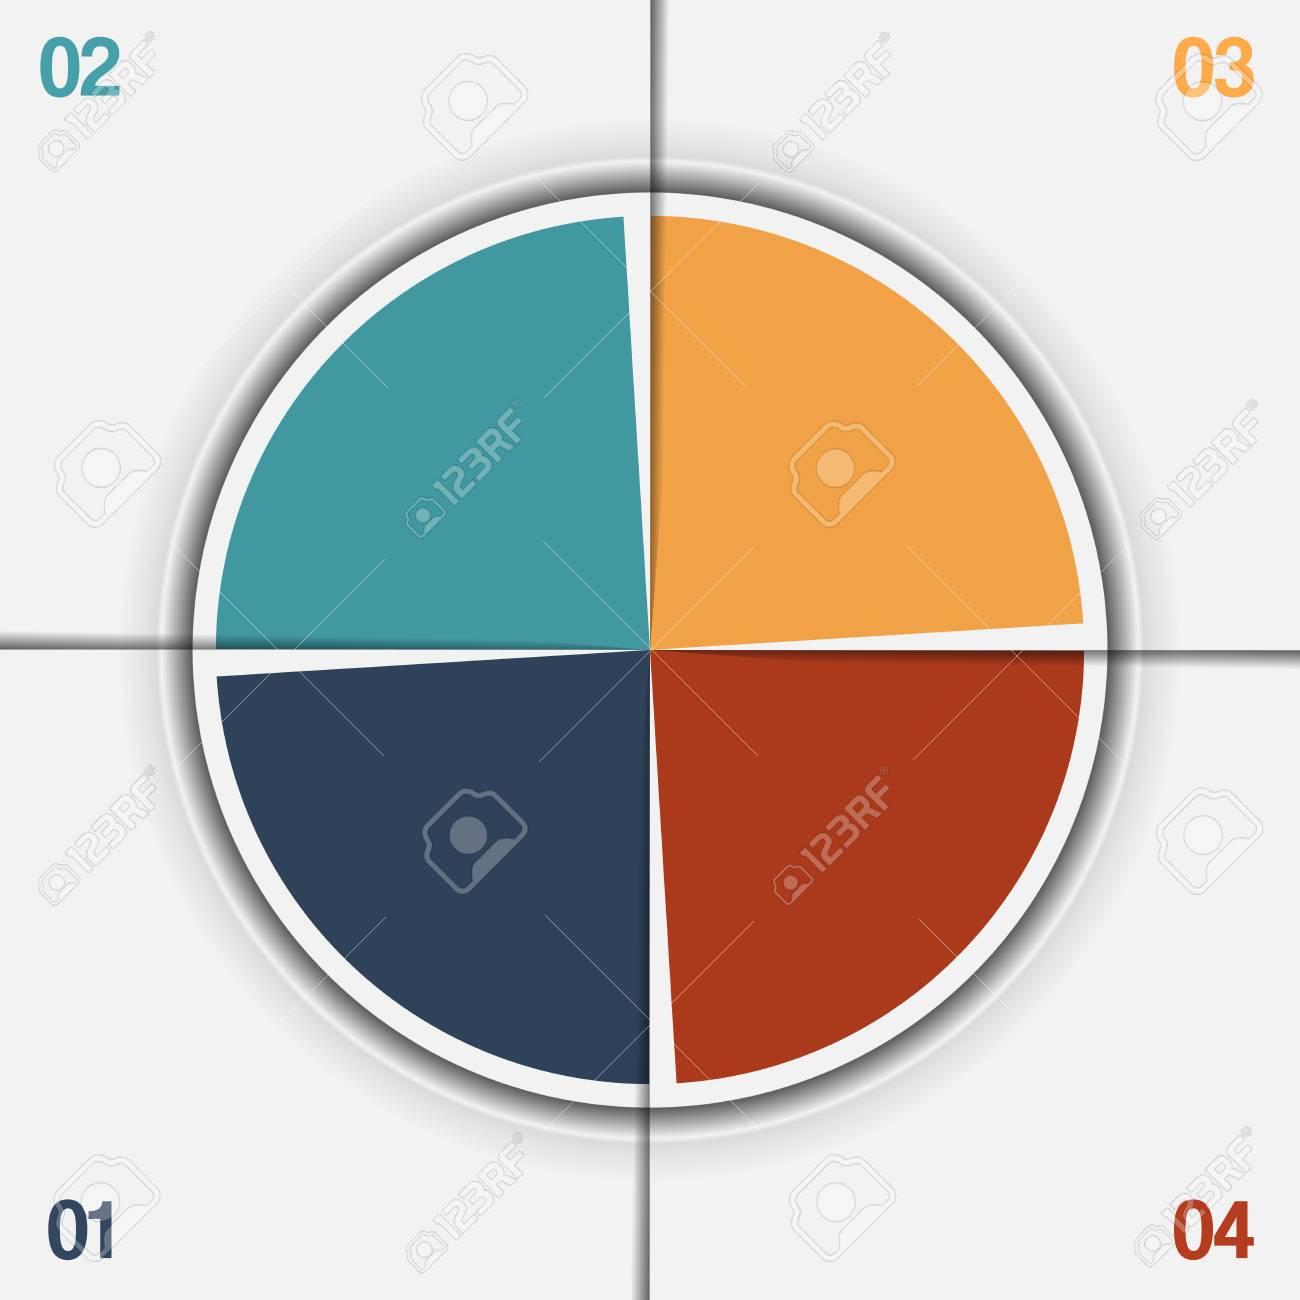 Plantilla De Gráfico Circular De Infografía De Círculo Colorido Con ...